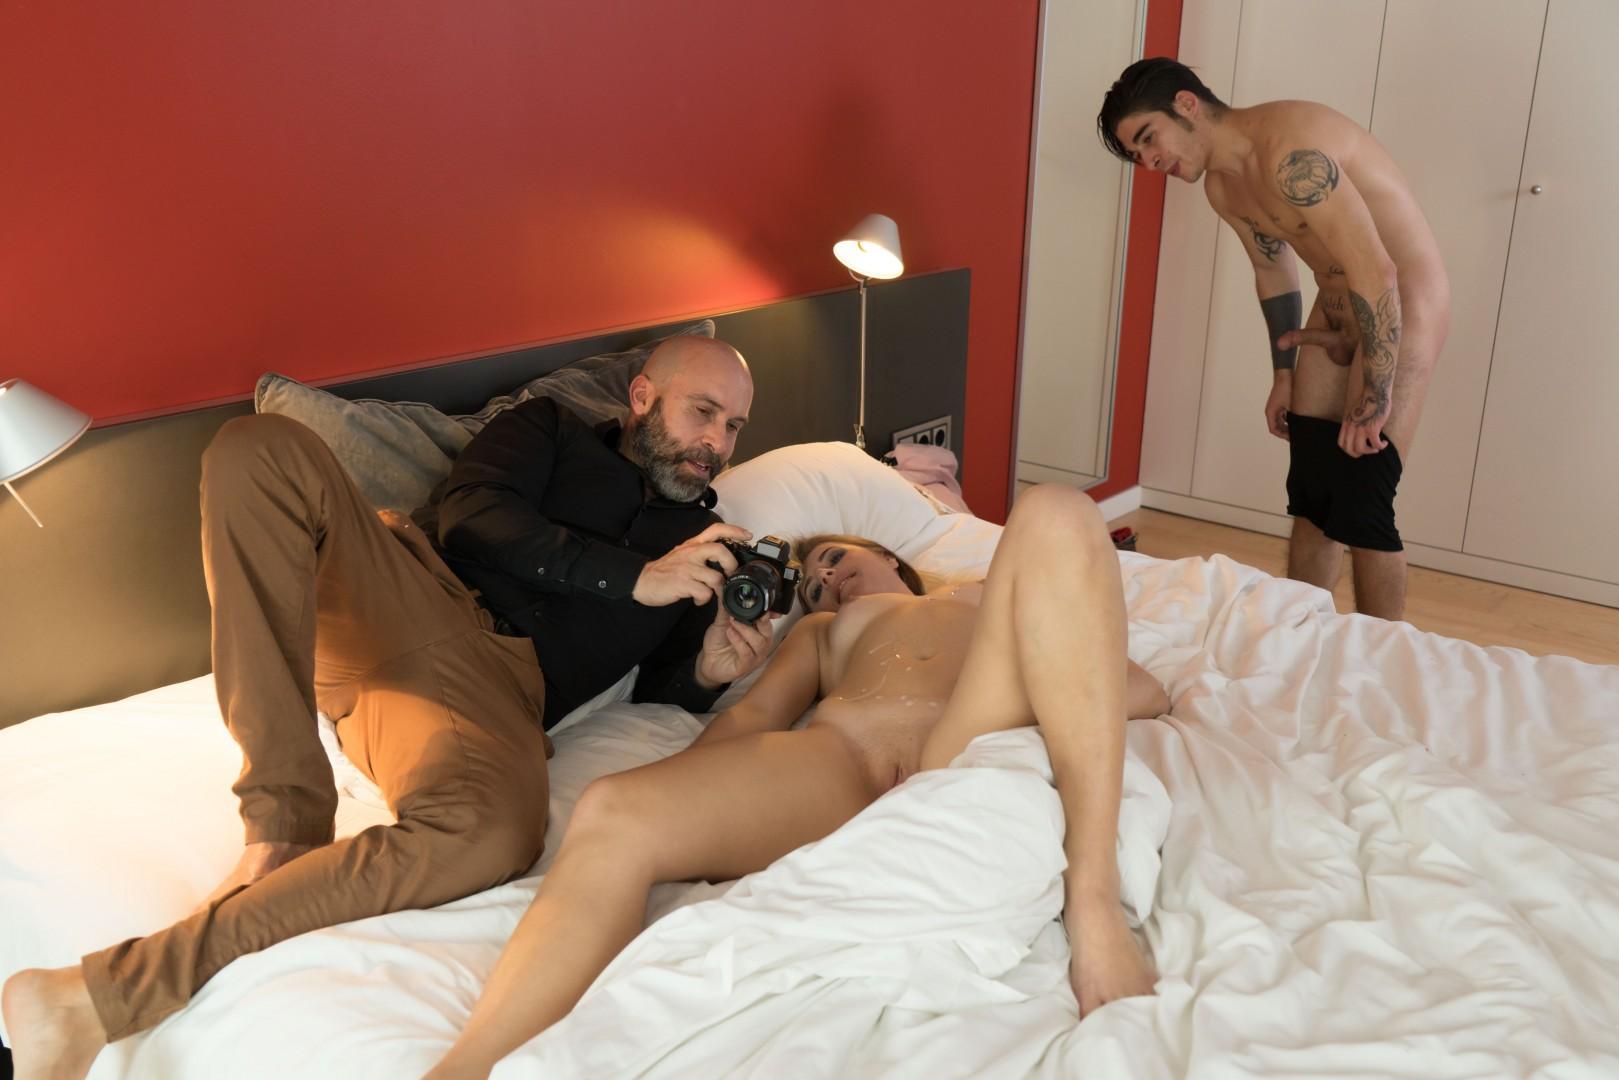 Adrian Dimas Porn Videos adrian dimas in xxxshades ukrainian blondie gets drilled